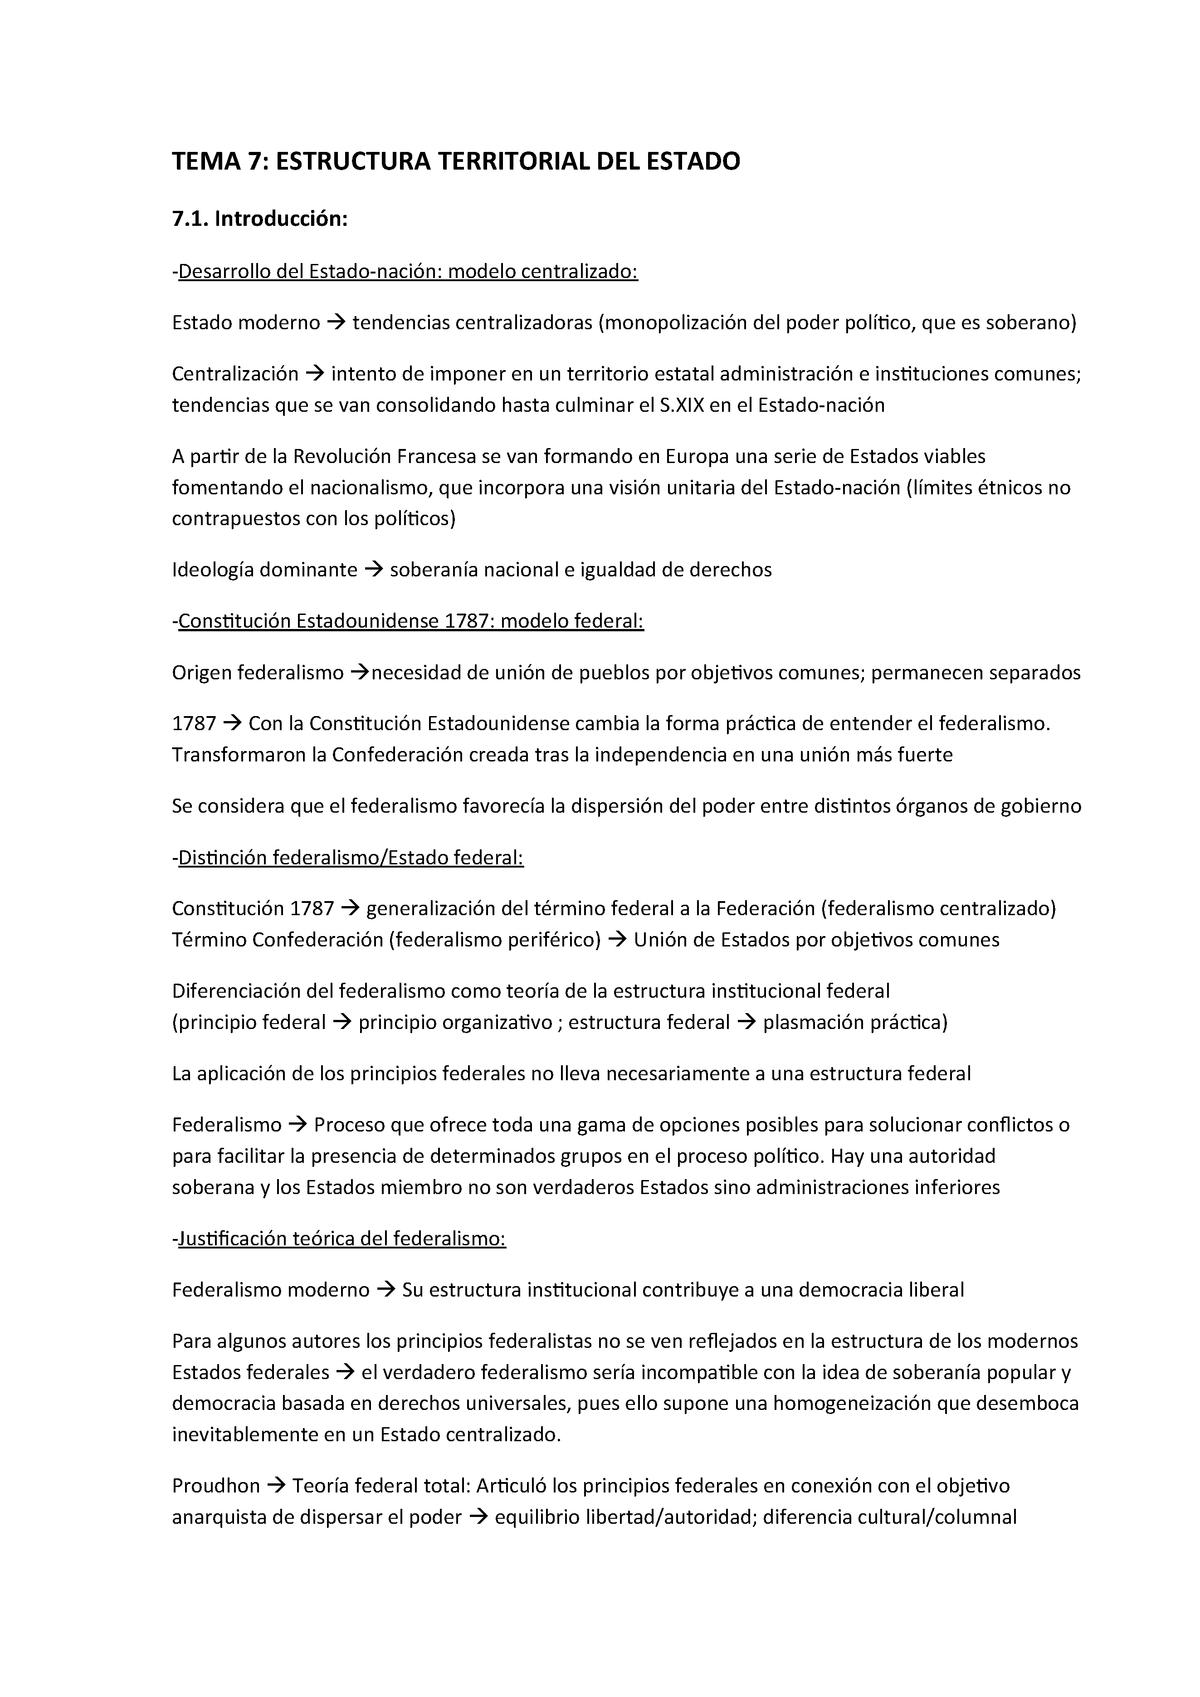 Tema 7 Estructura Territorial Del Estado Manual De Ccpp De